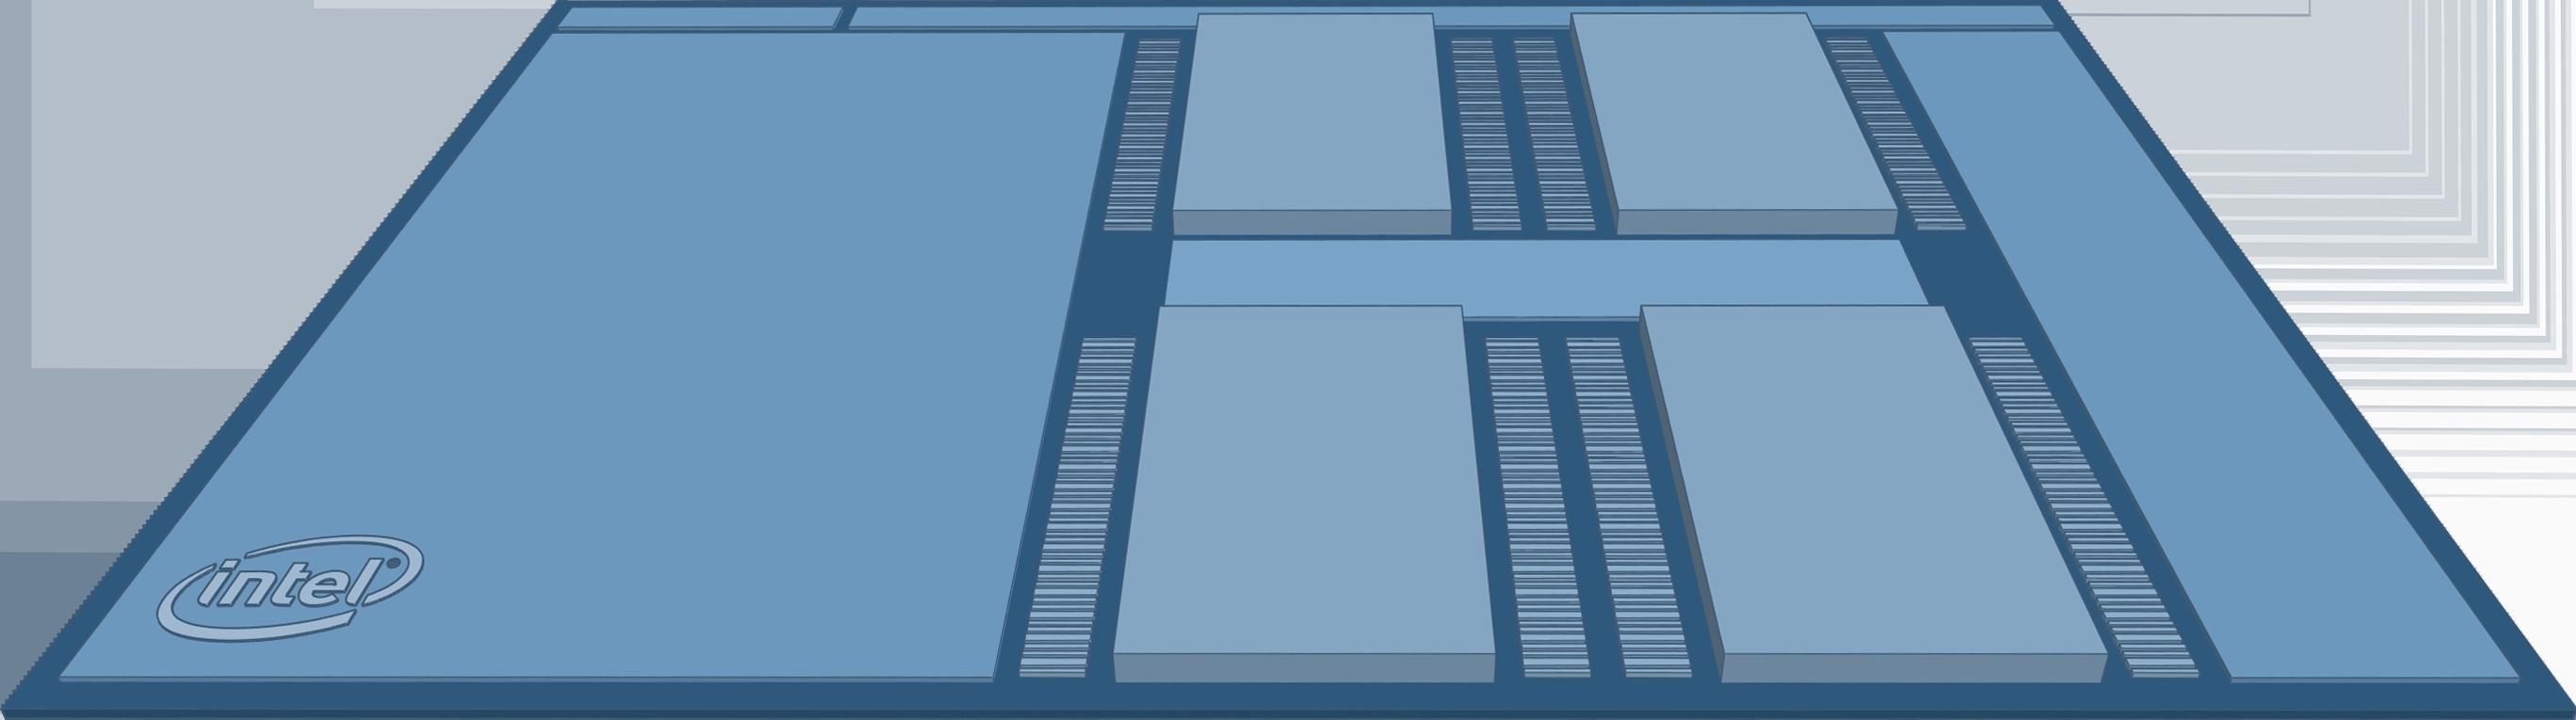 Intel multi-core processor 01